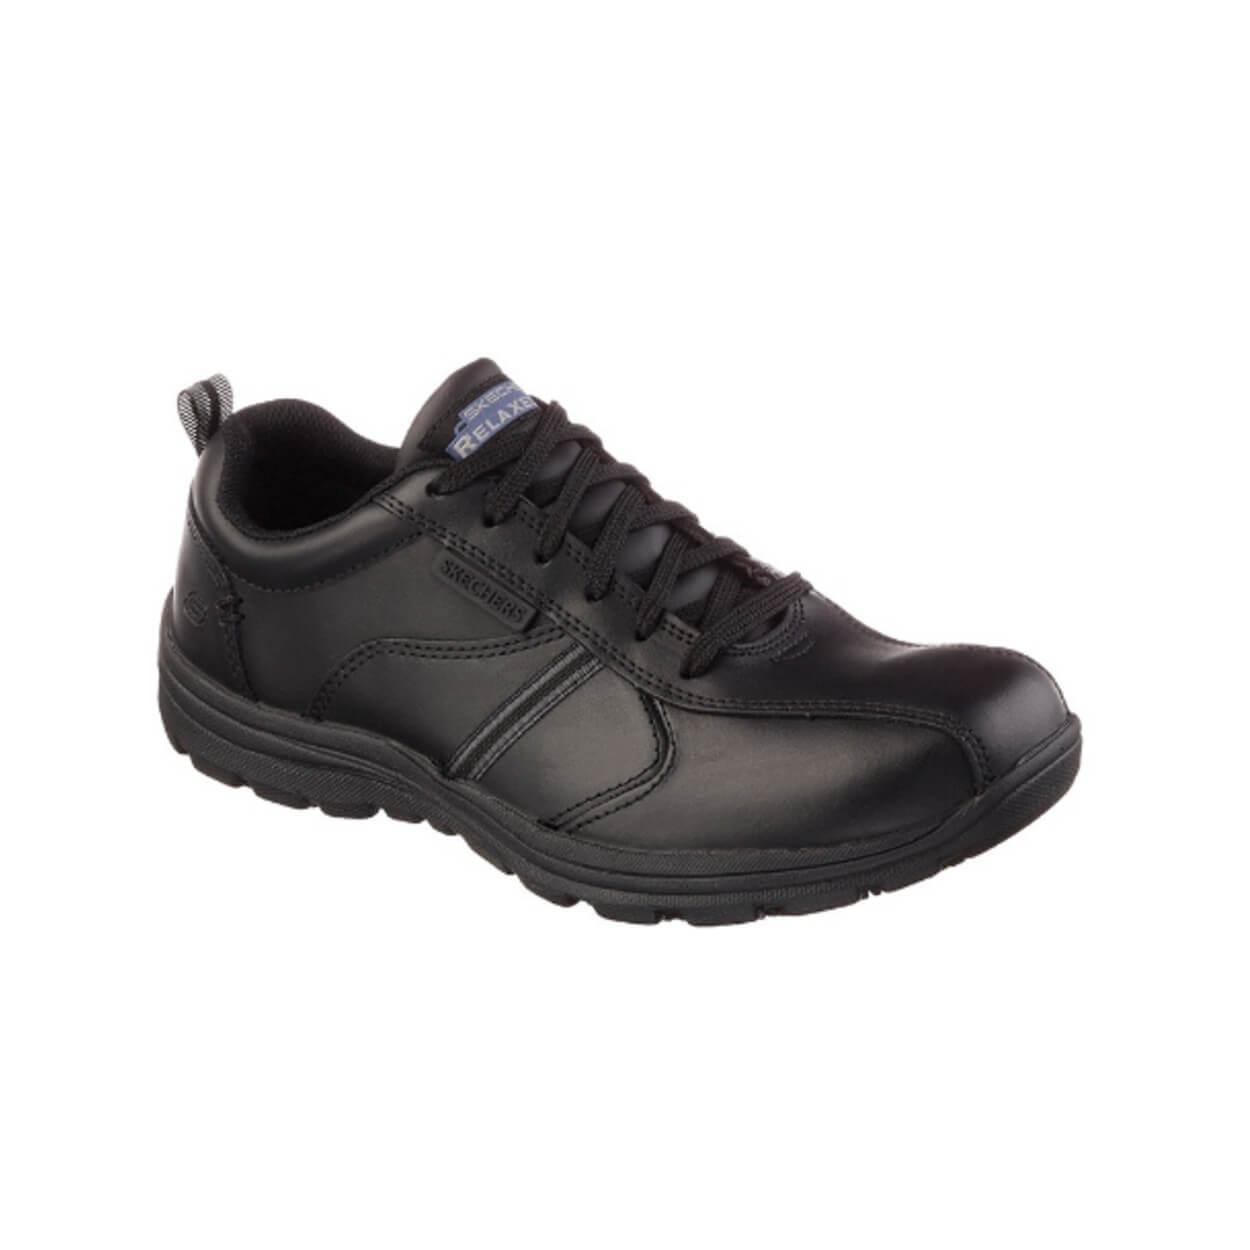 Ανδρικό παπούτσι με κορδόνι Skechers